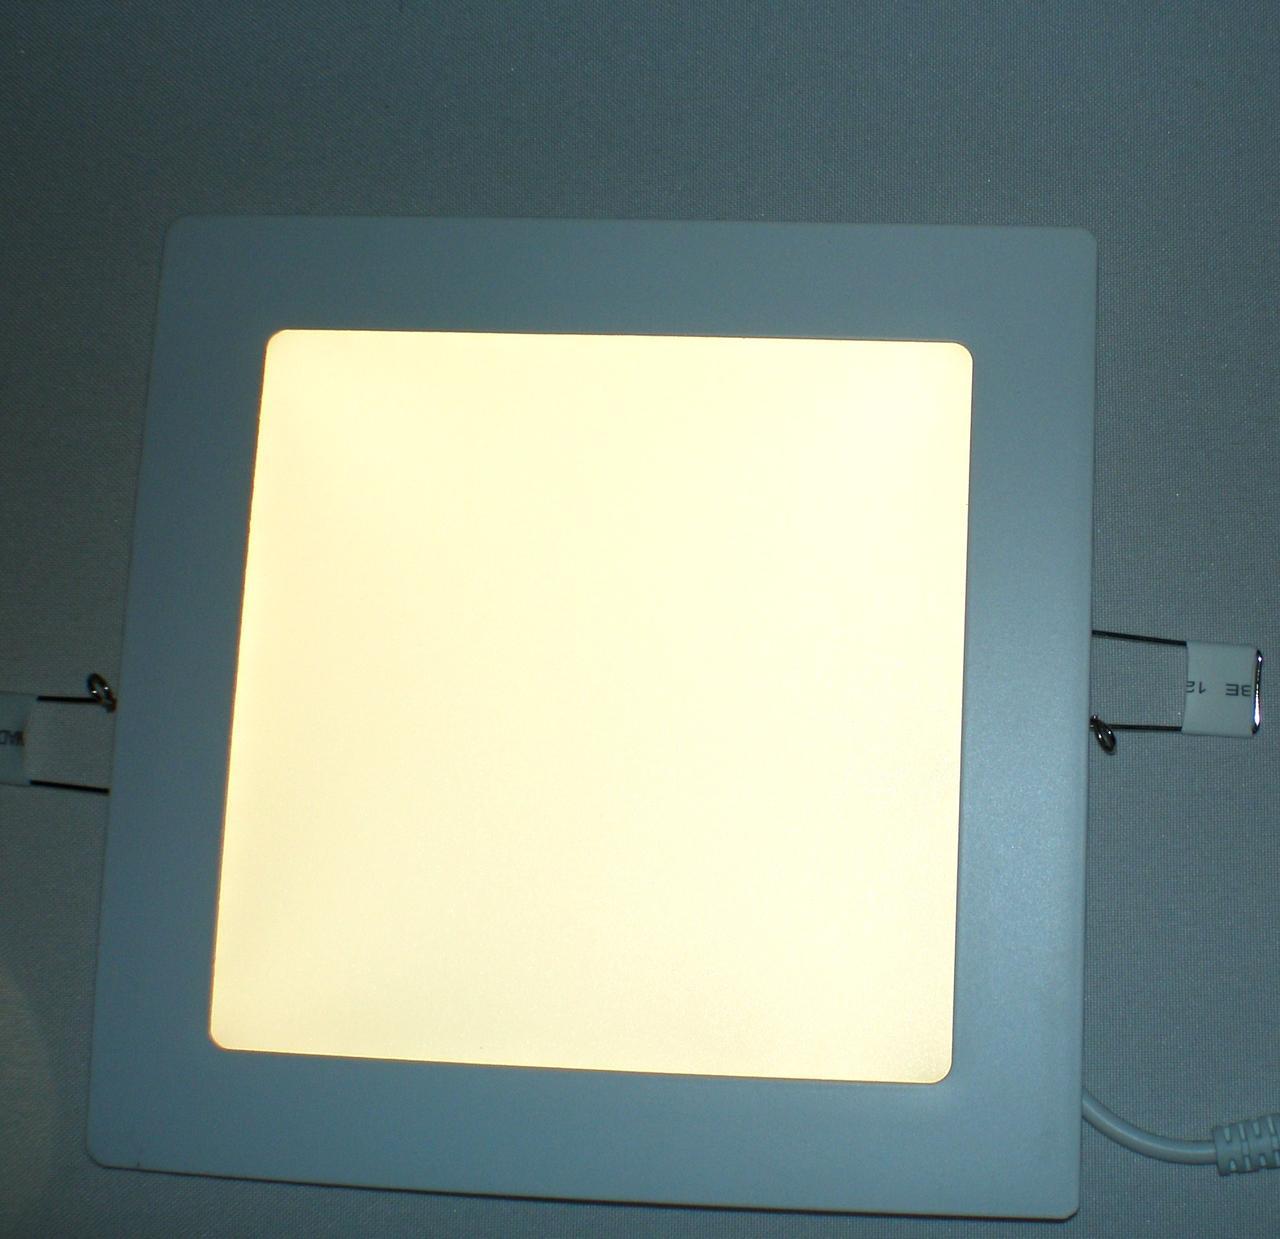 Светодиодный светильник Ecostrum 12W 4000К встраиваемый квадрат